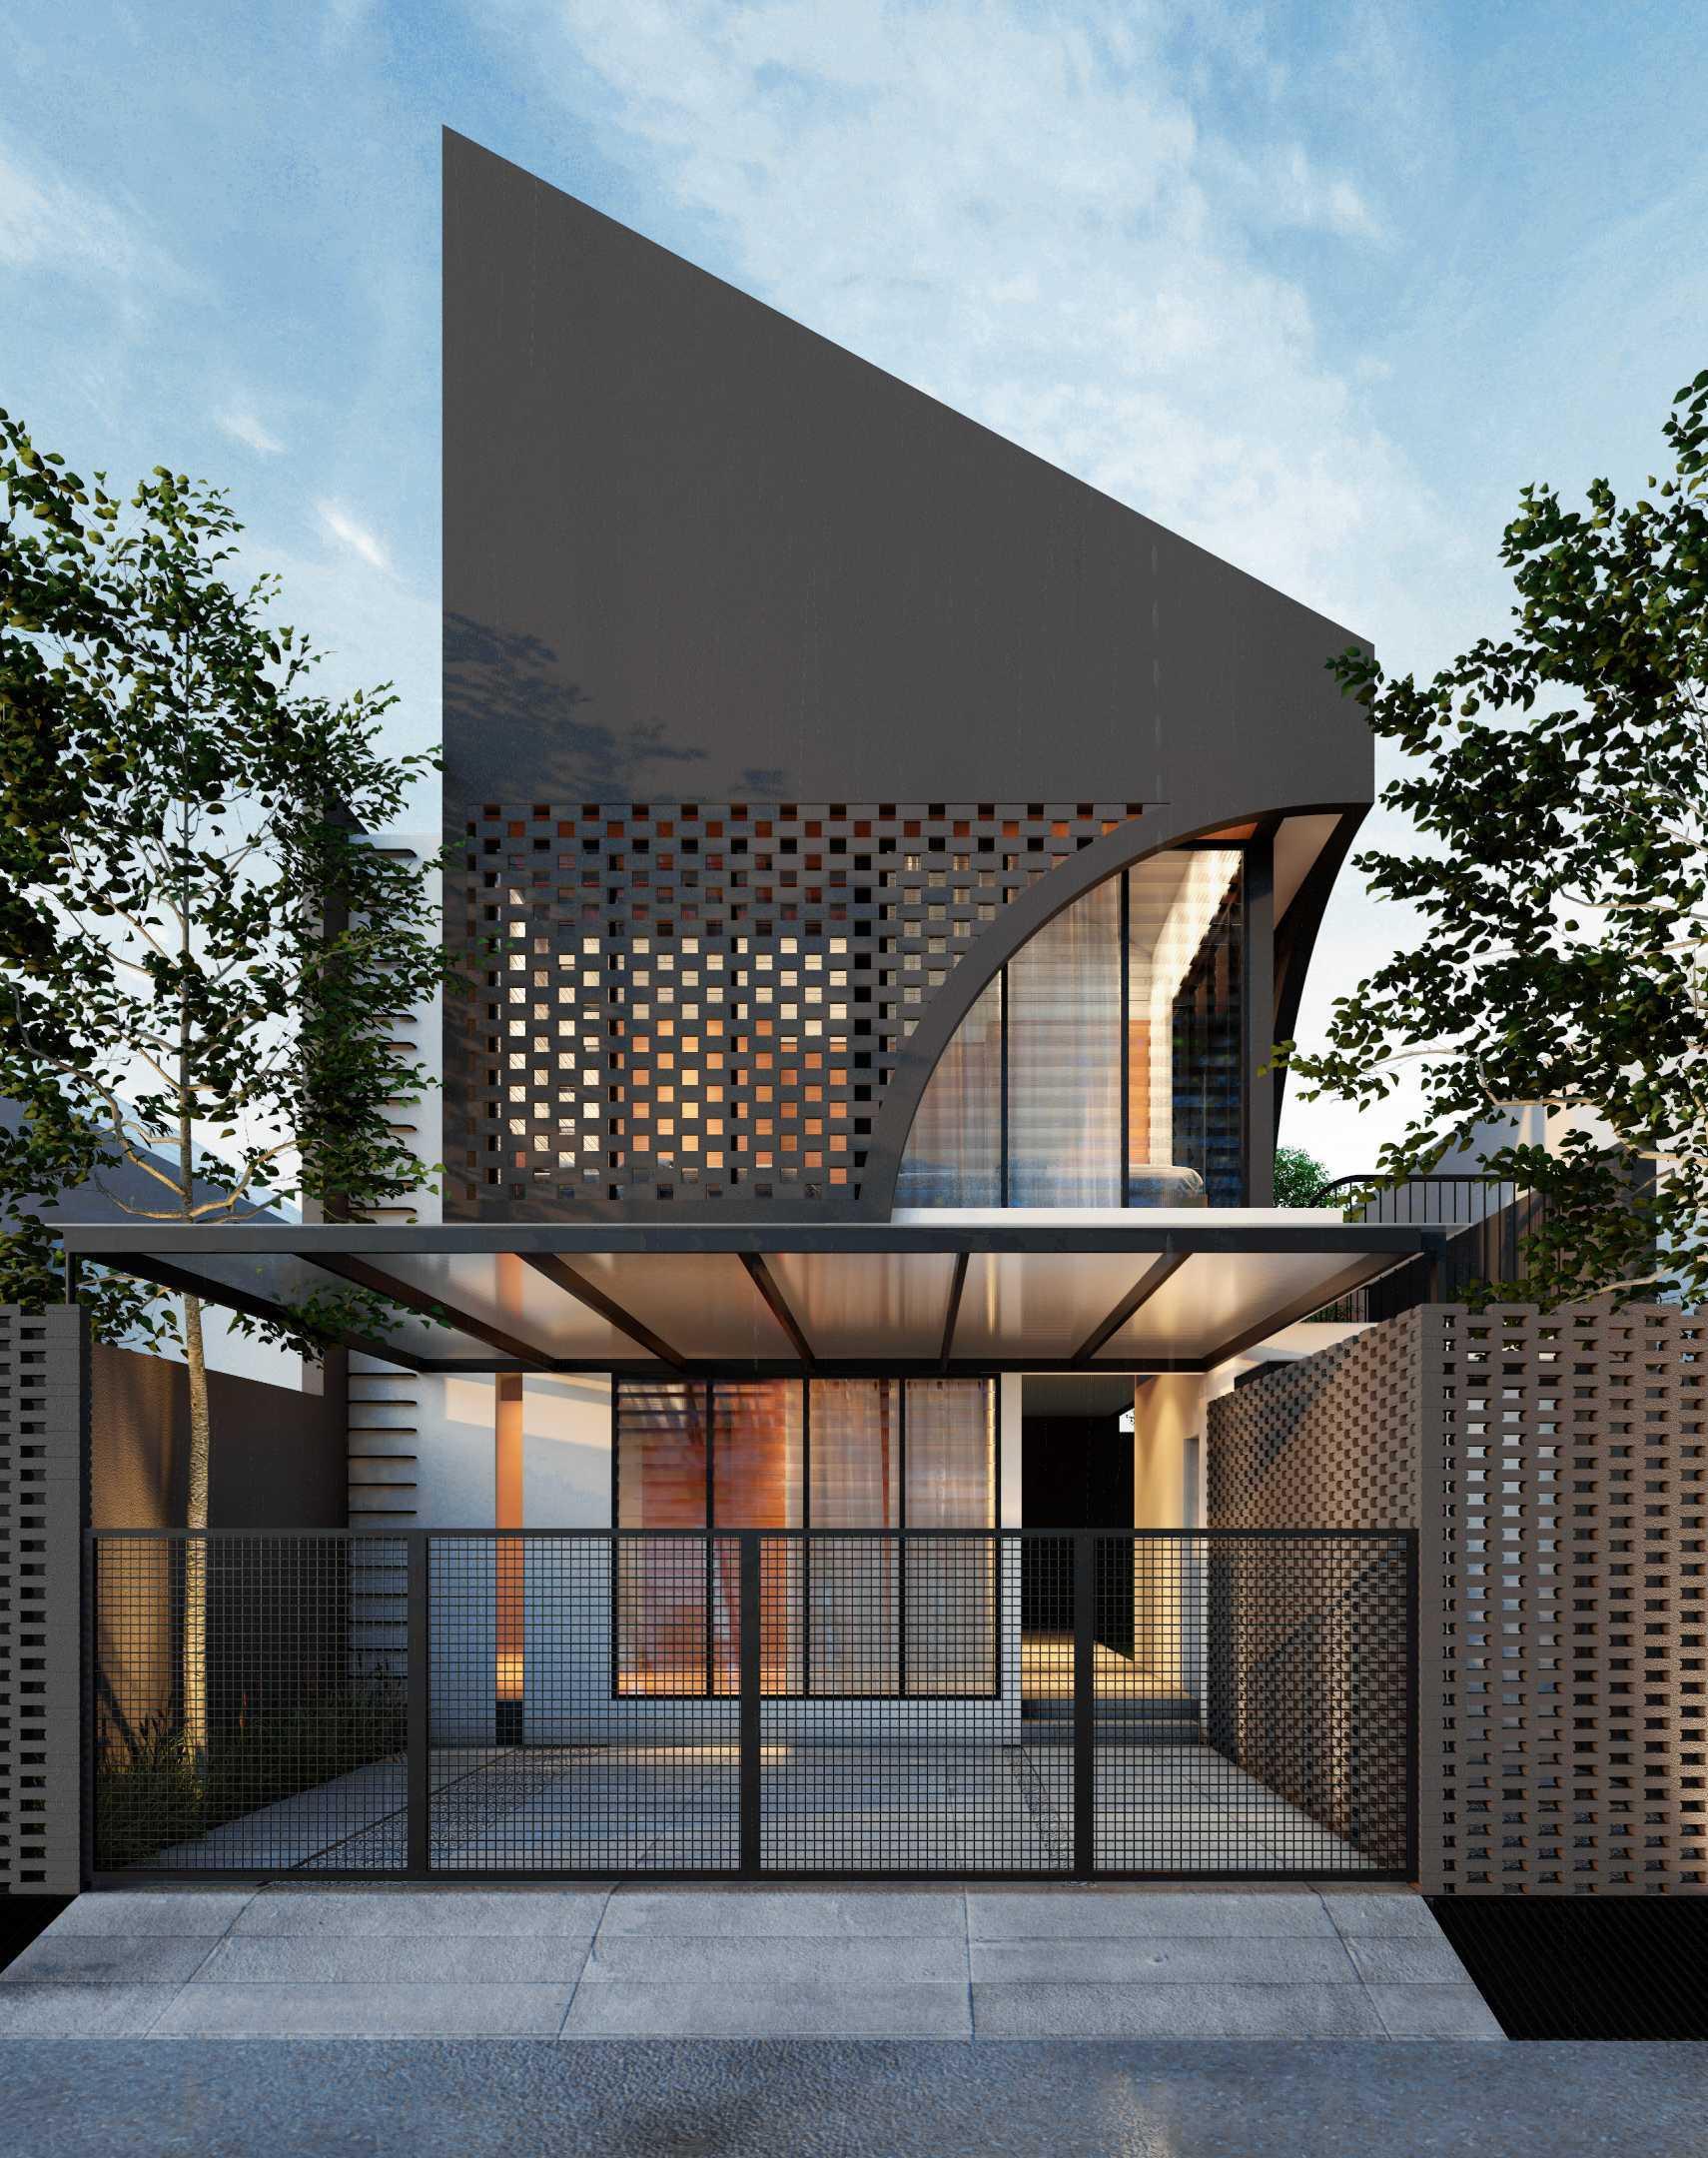 Mahastudio & Partner Elora House Bekasi Bekasi, Kota Bks, Jawa Barat, Indonesia Bekasi, Kota Bks, Jawa Barat, Indonesia Mahastudio-Partner-Elora-House-Bekasi  86137